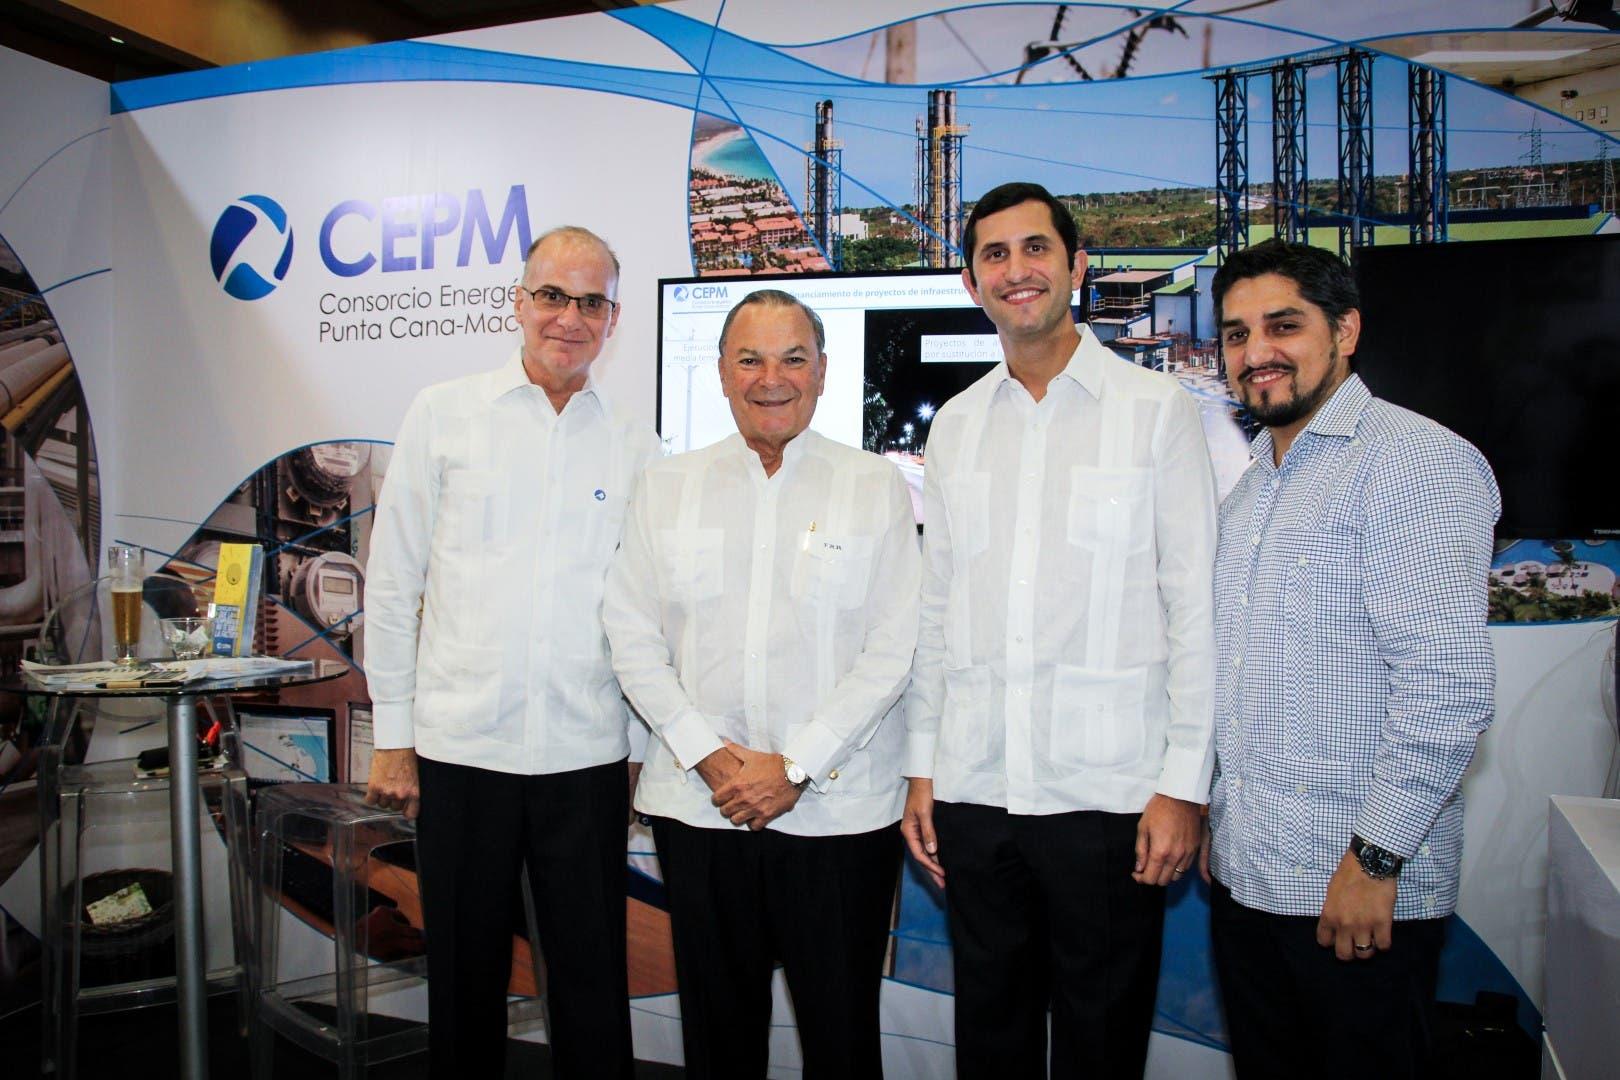 CEPM presenta servicio de gestión inteligente de consumo eléctrico